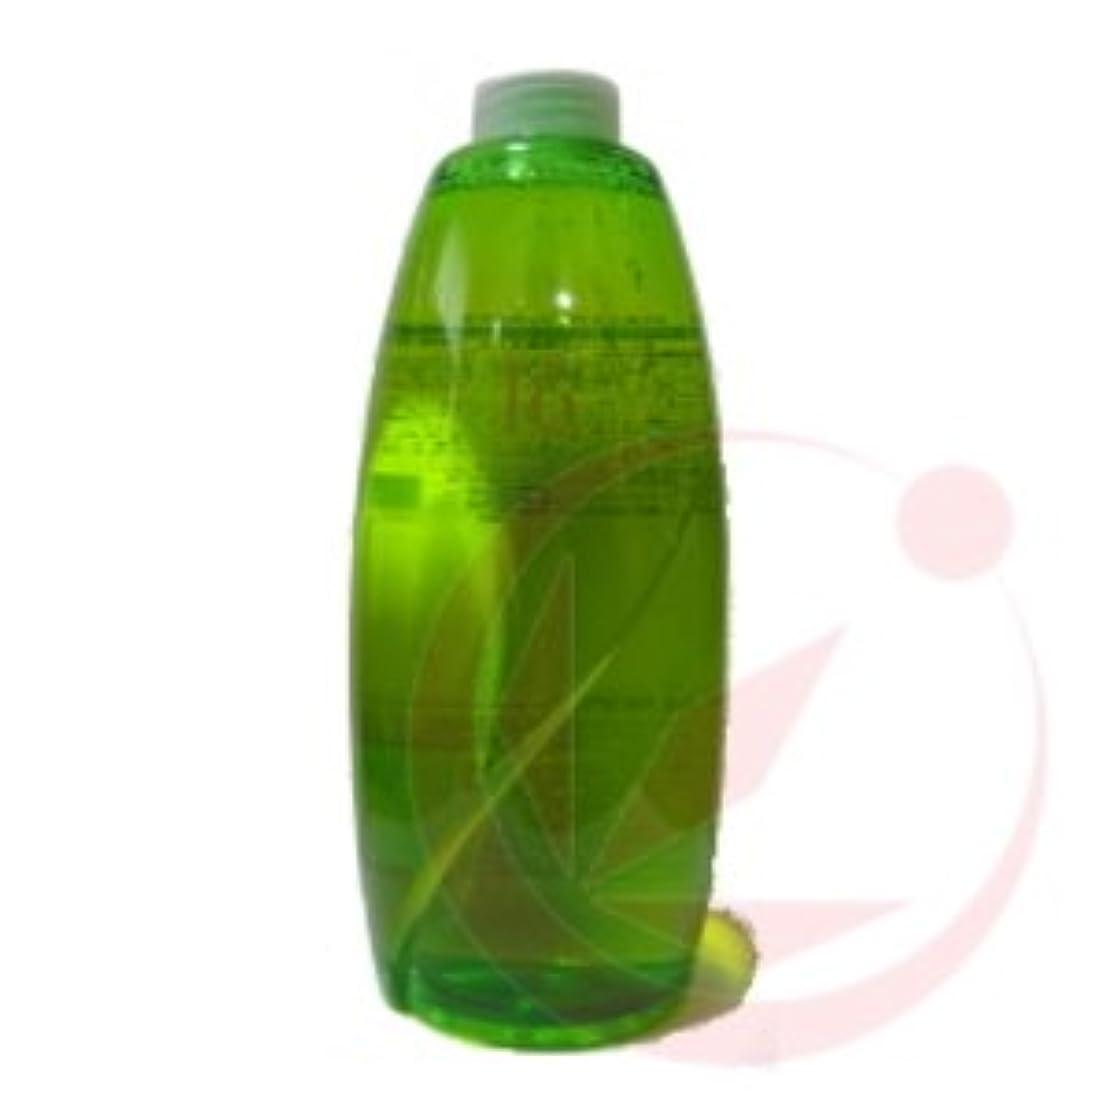 合体貧困変換するハホニコ 十六油(じゅうろくゆ) 1000ml(業務?詰替用)【16油】